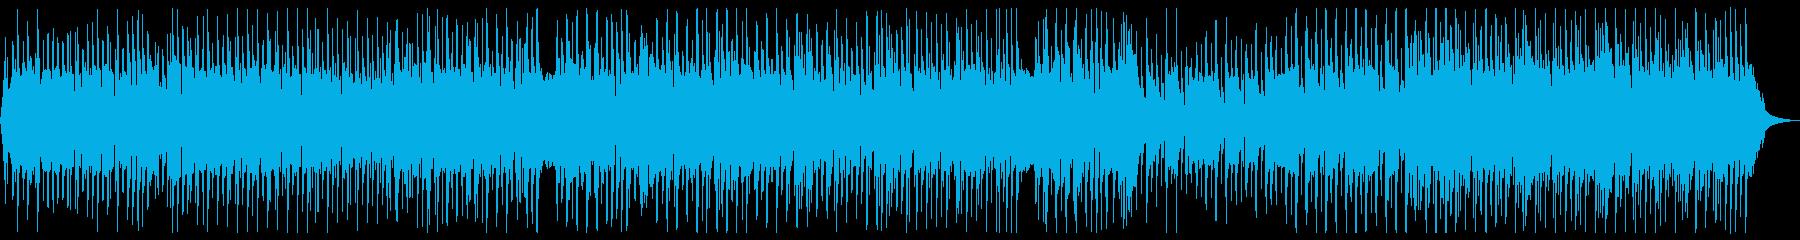 企業VP・コーポレートCMおしゃれロックの再生済みの波形